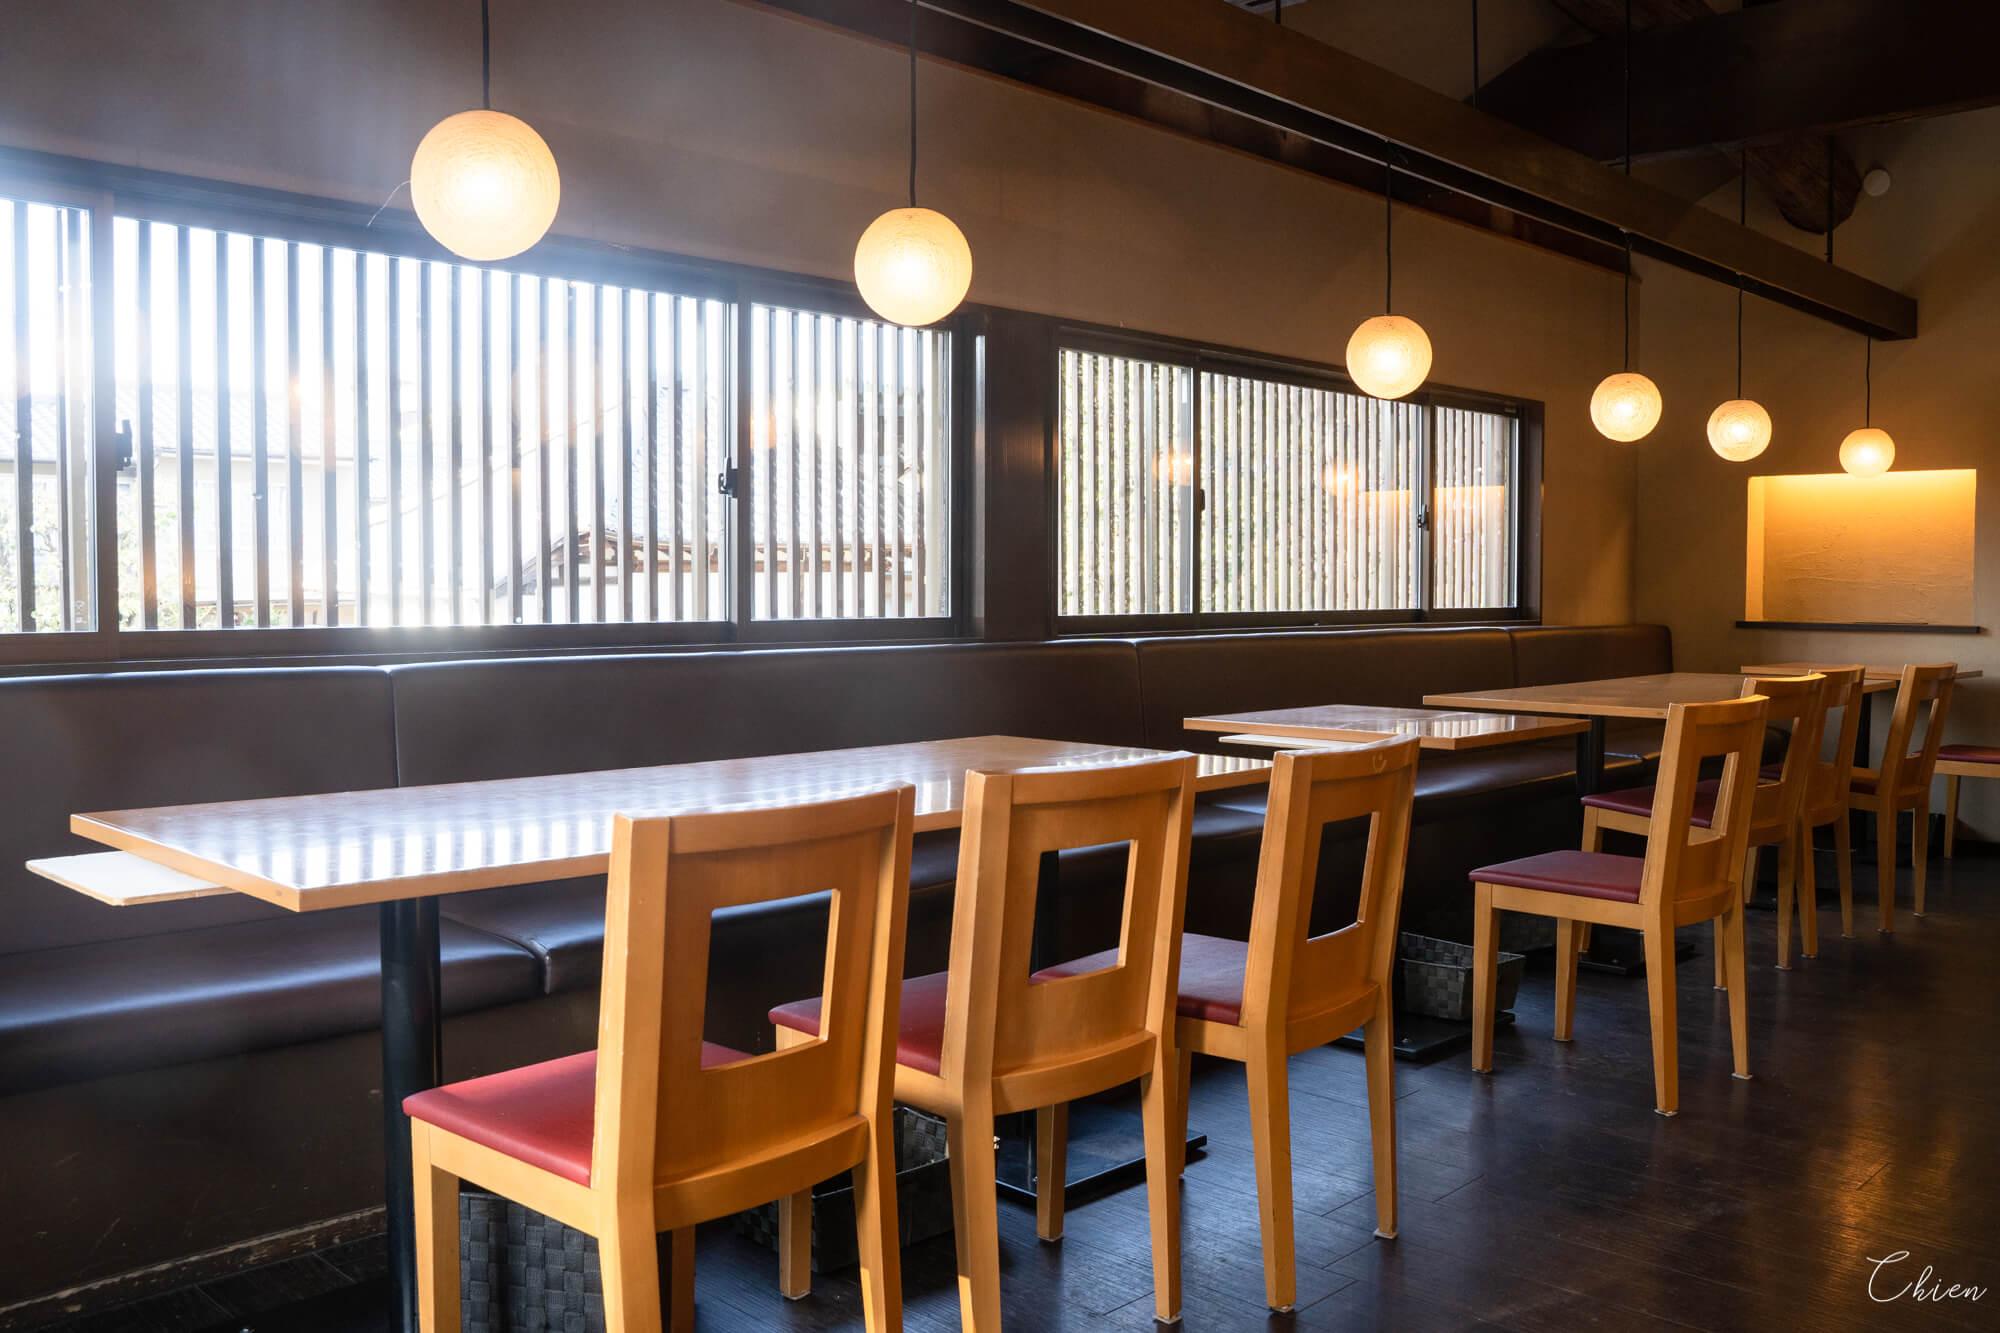 京都嵐山美食 豆皮湯葉料理「嵯峨とうふ 稲」店環境